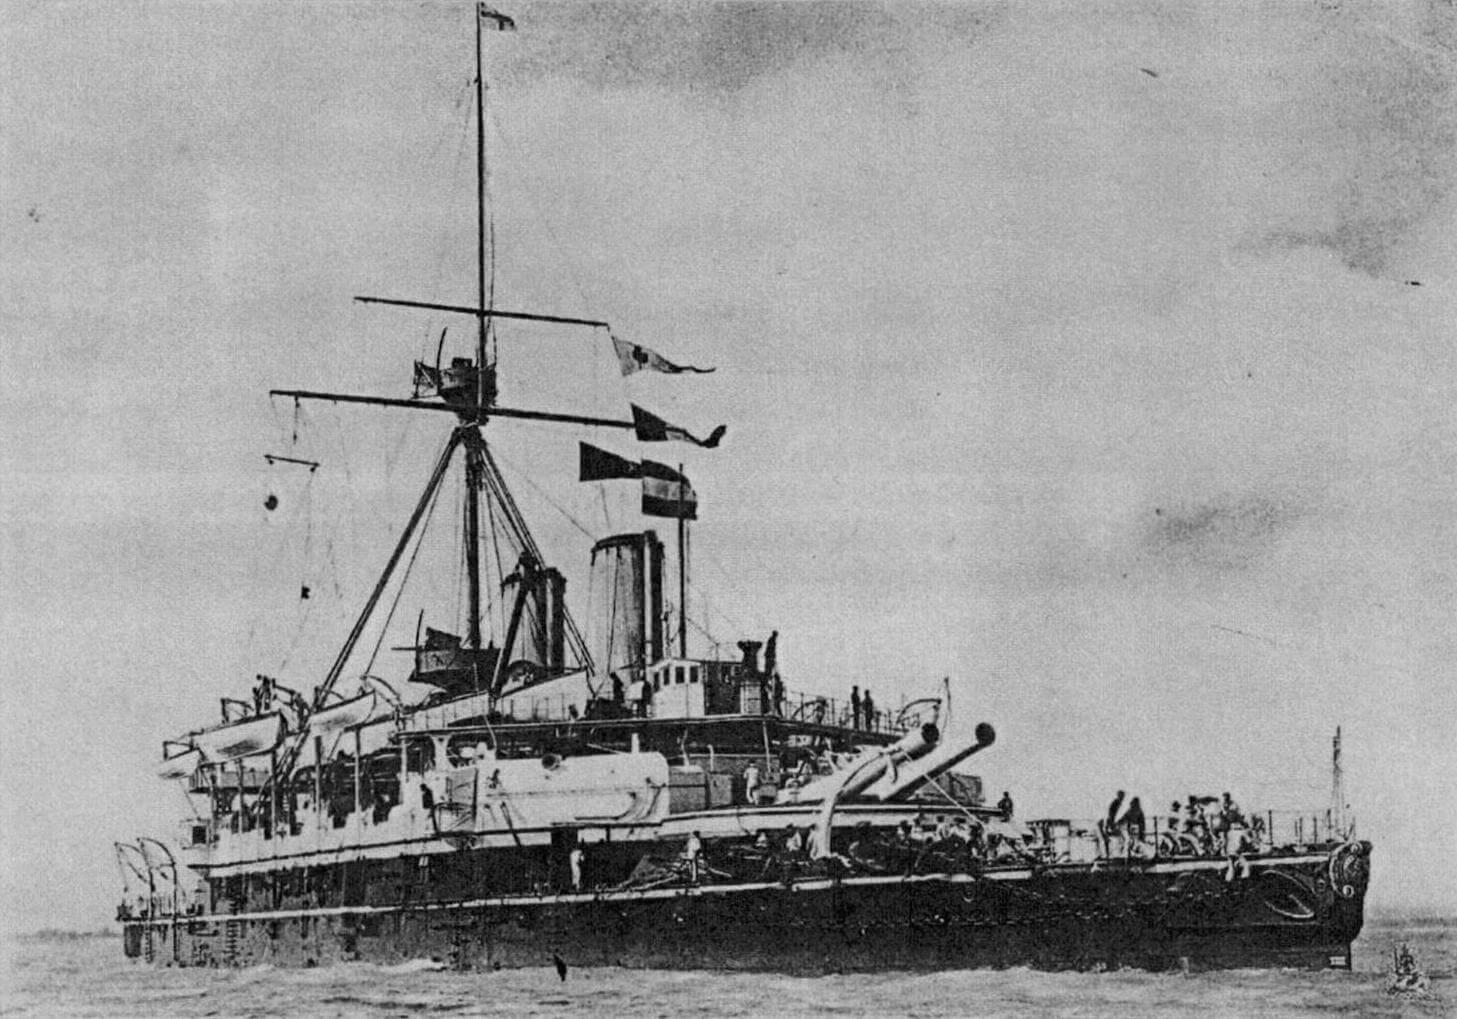 Броненосец «Кампердаун», протаранивший флагман вице-адмирала Трайона. Нос корабля украшает фигура в виде бюста британского адмирала Адама Дункана, первого виконта Кампердаун, в честь которого и был назван броненосец. Это богатое украшение, отвалившись в результате столкновения, затонуло вместе с «Викторией» 22 июня 1893 года